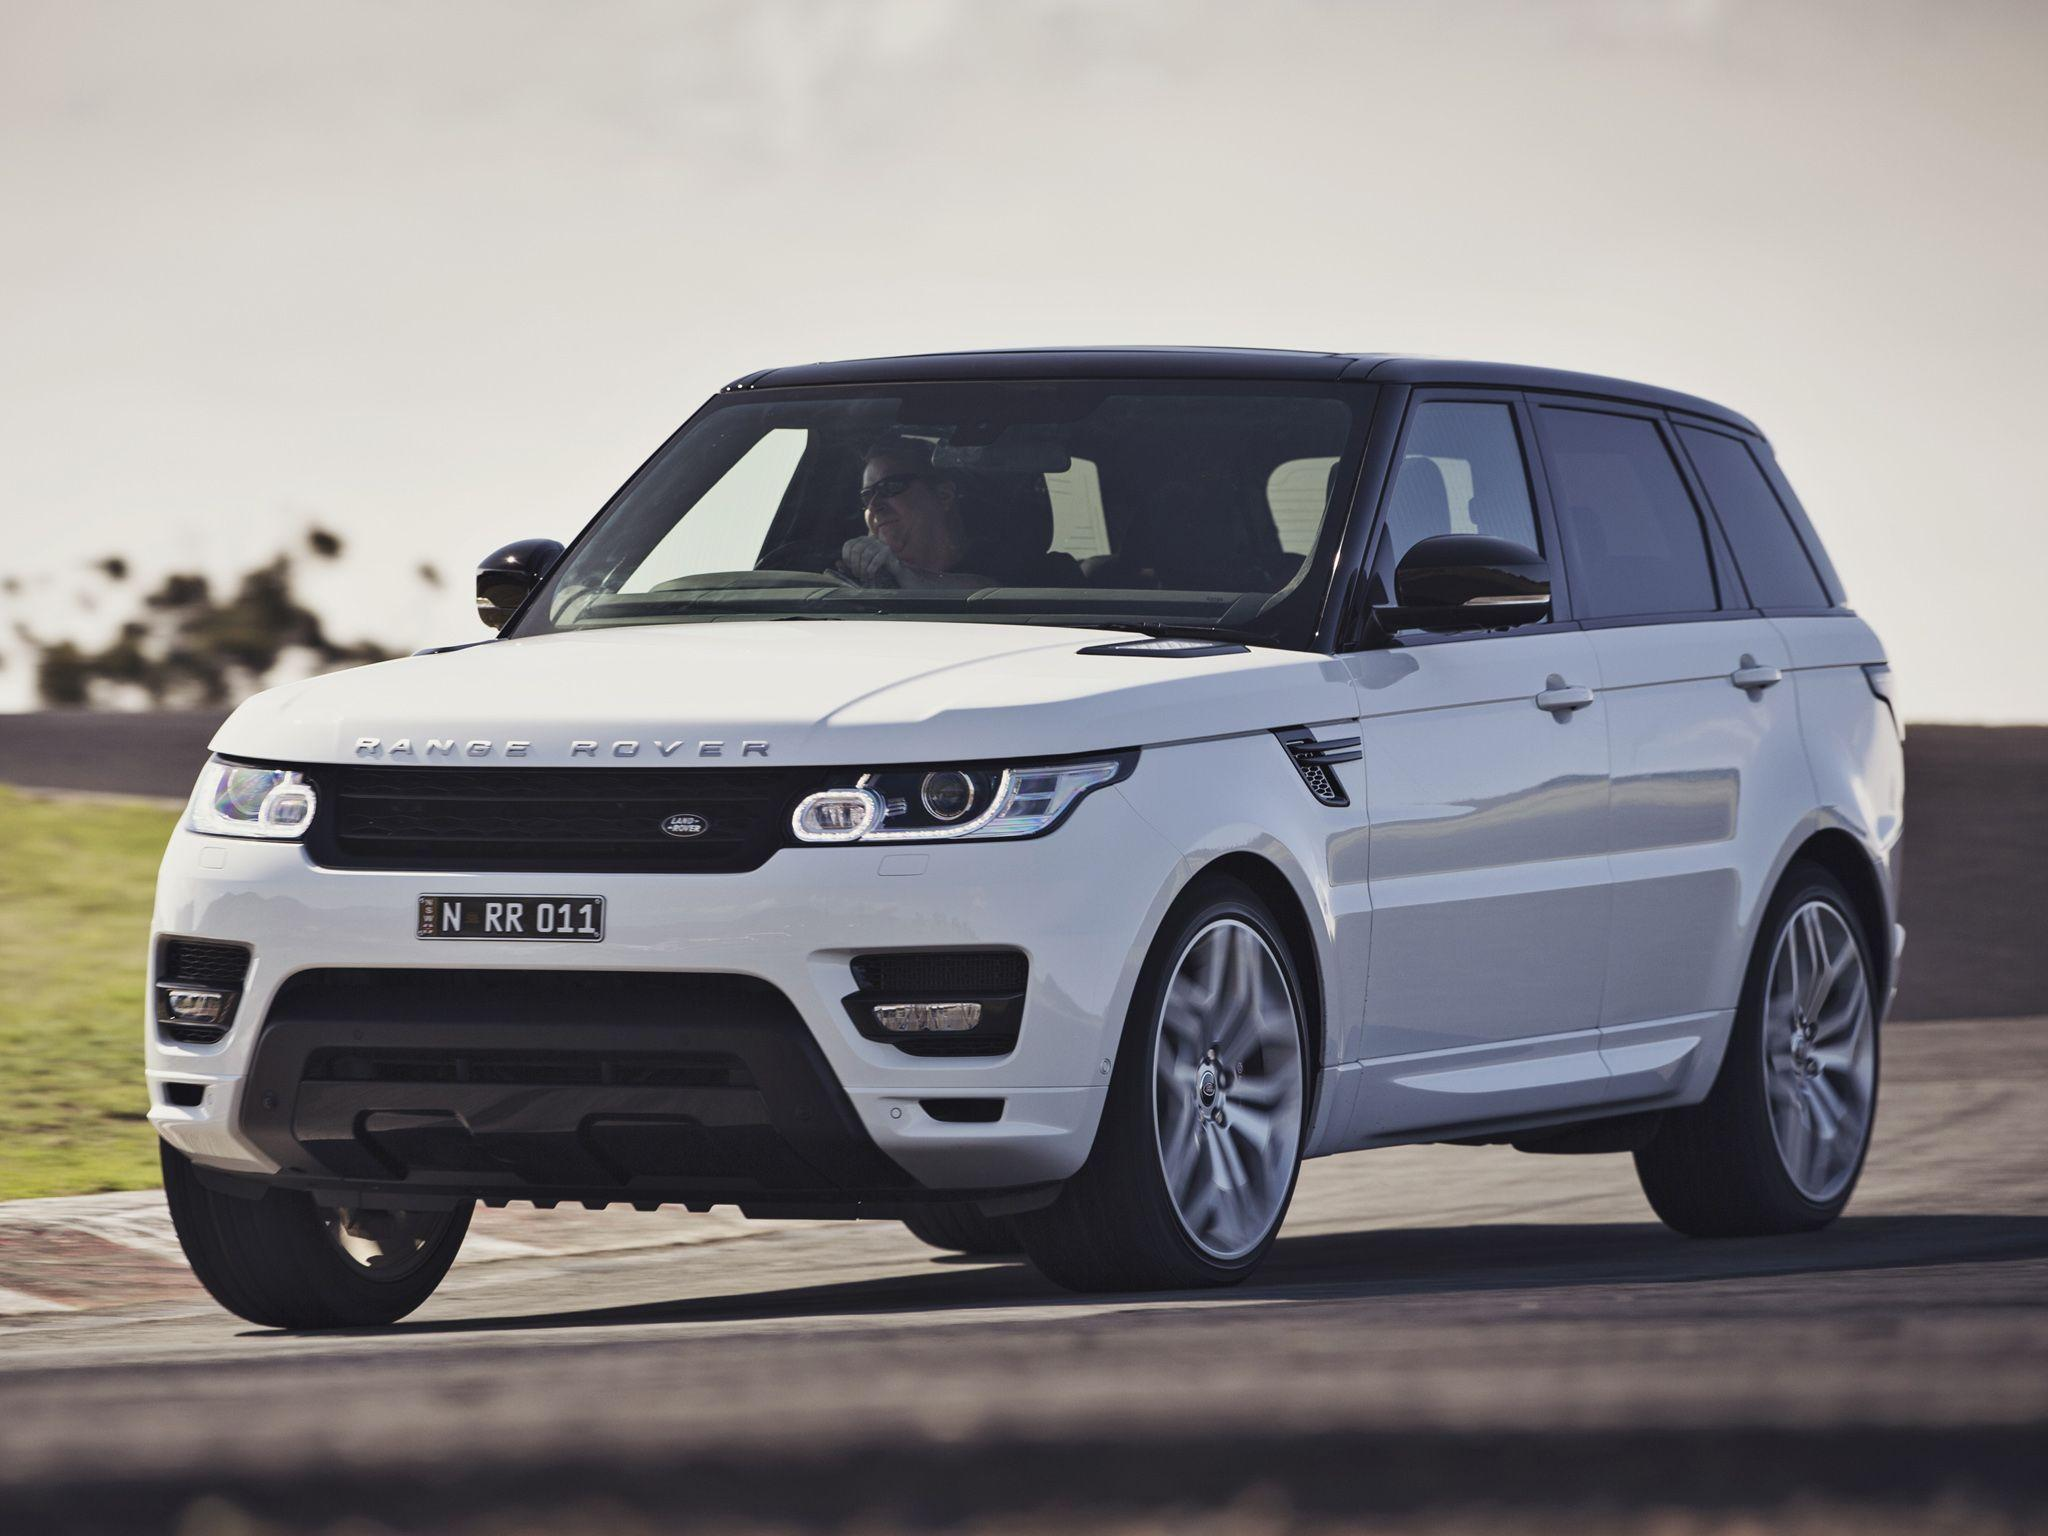 Range Rover Sport 2015 Desktop Wallpapers Wallpaper Cave